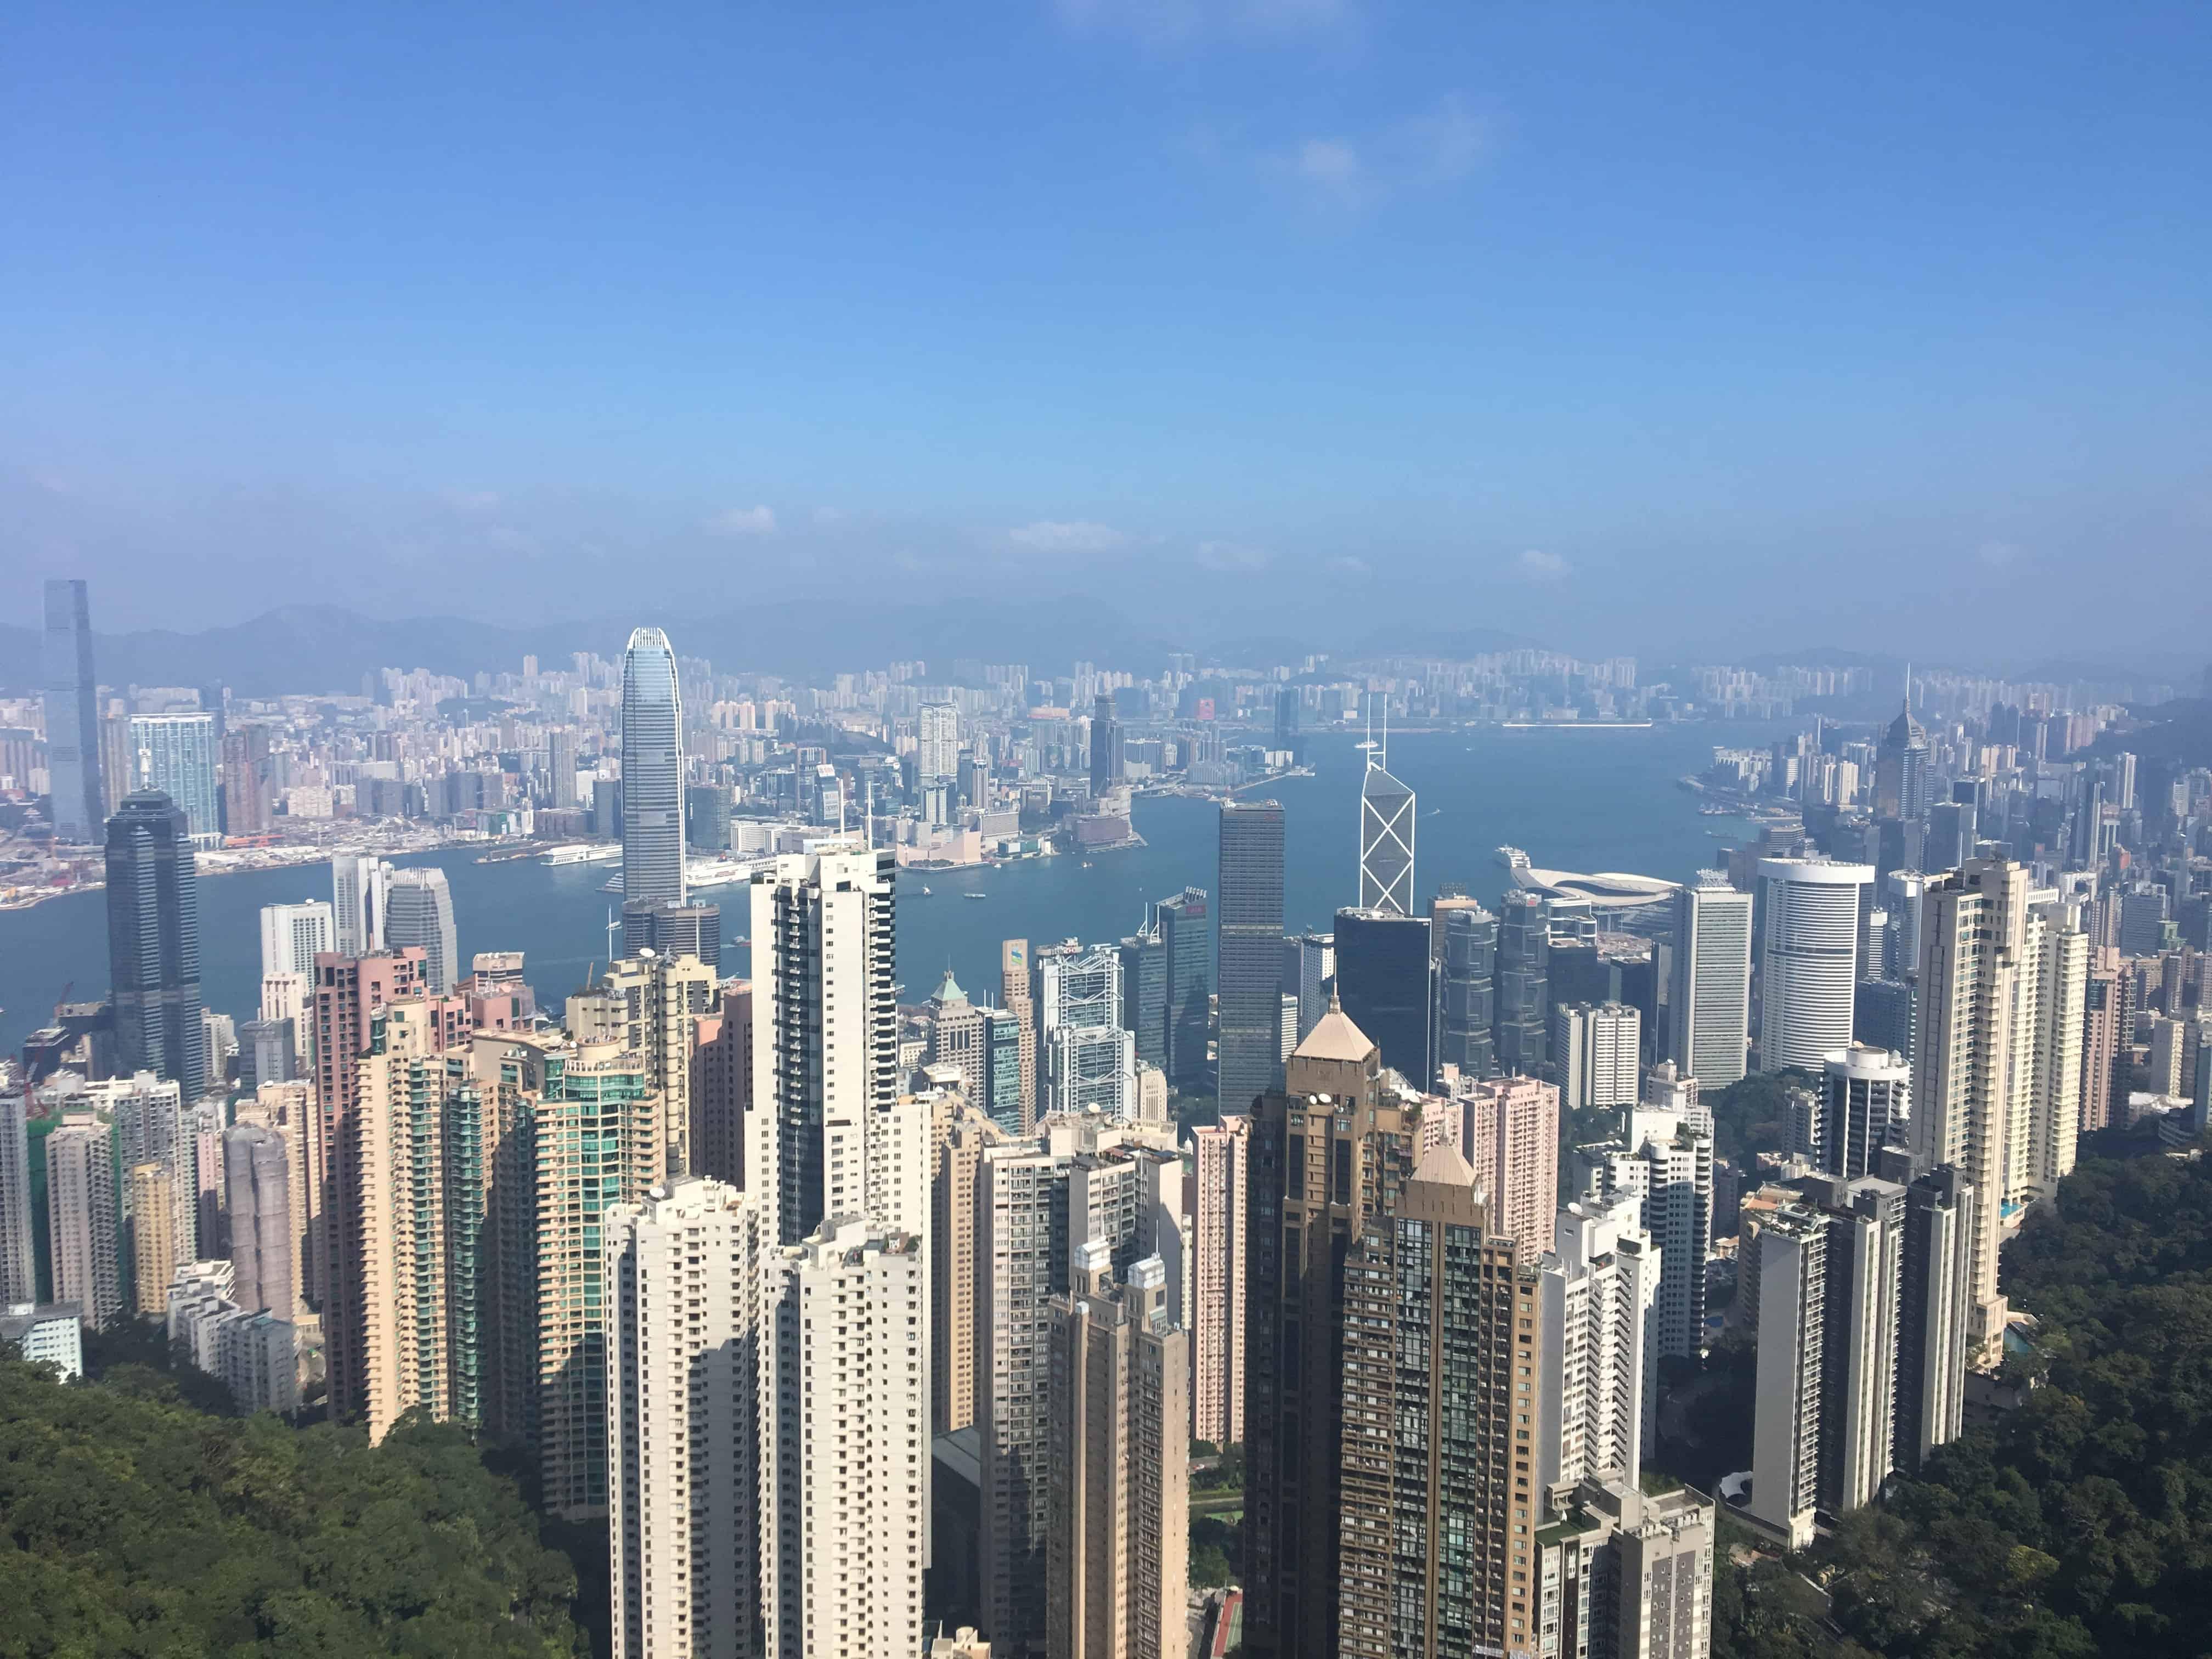 Hong Kong – My top picks